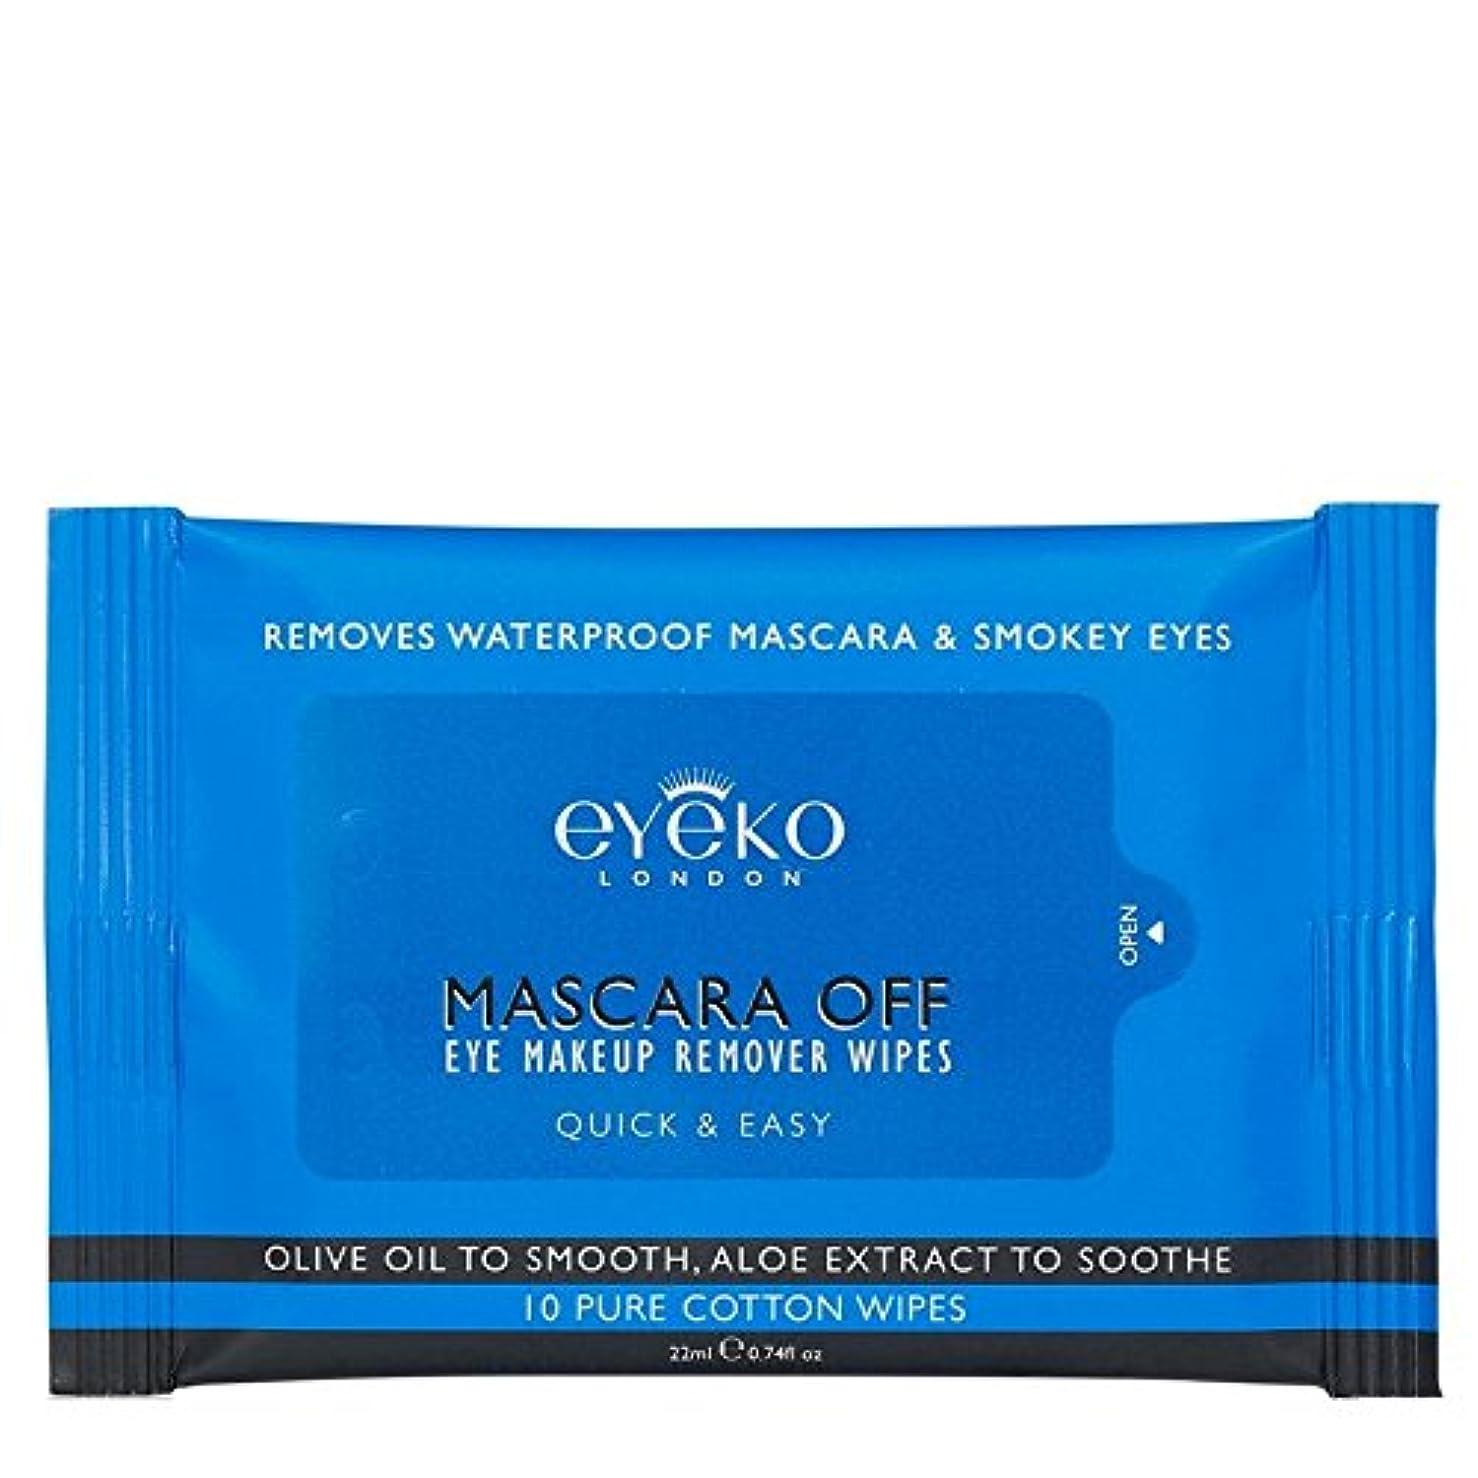 コードレス覚醒レーダーマスカラオフパックあたり10ワイプ x2 - Eyeko Mascara off Wipes 10 per pack (Pack of 2) [並行輸入品]